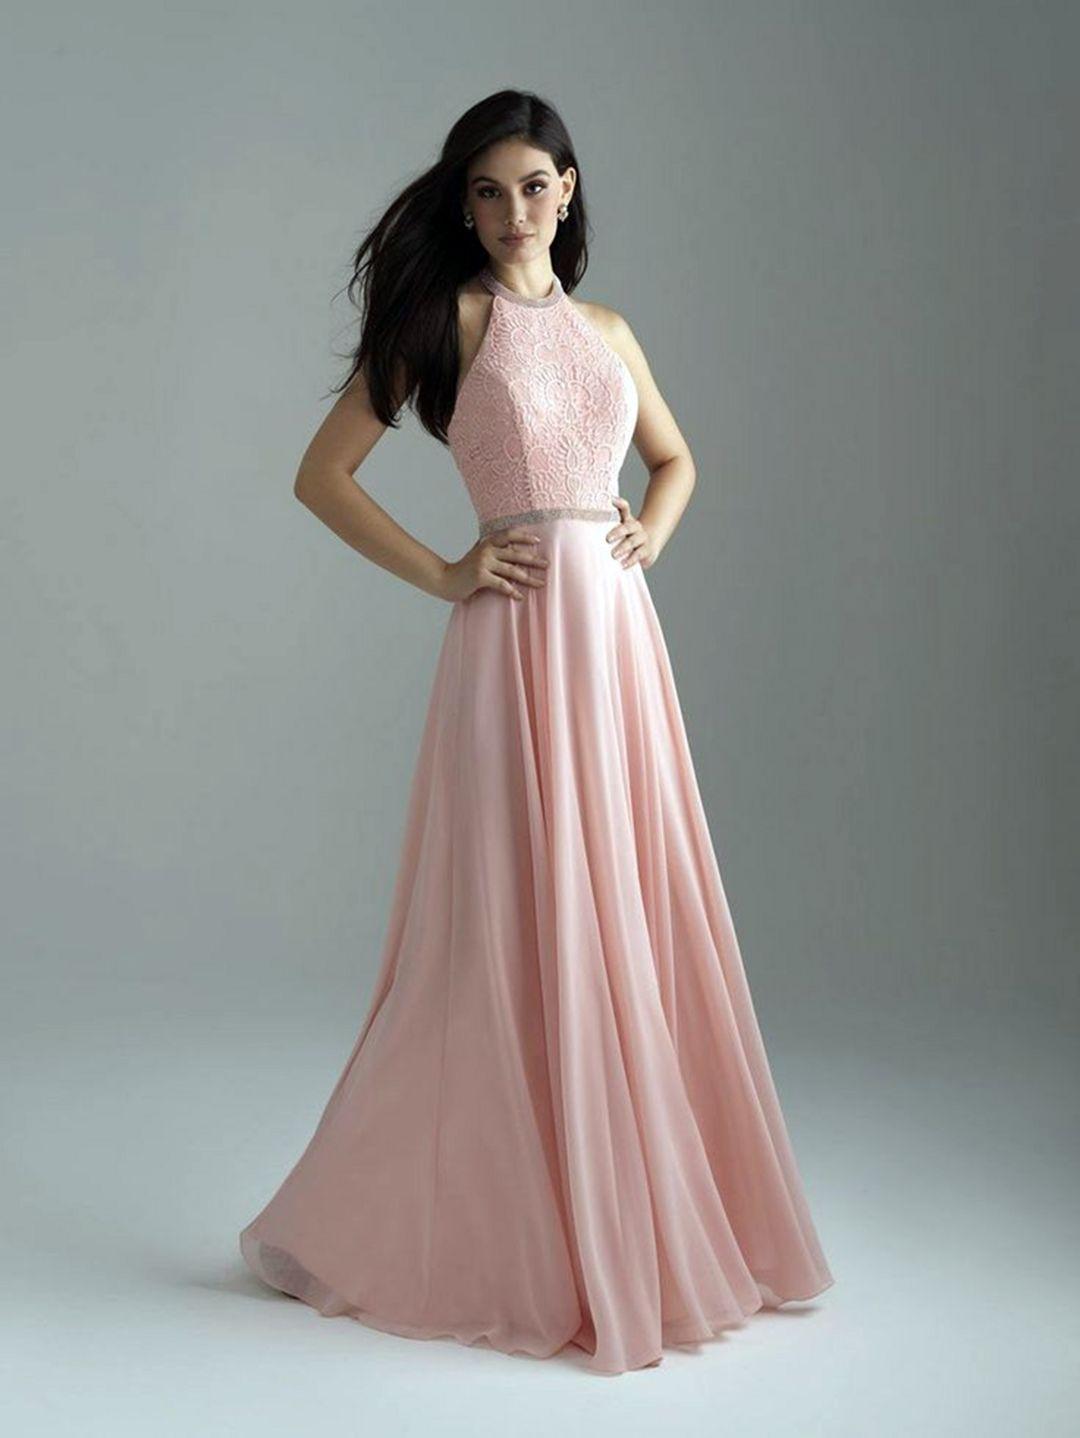 Models for Prom Dresses